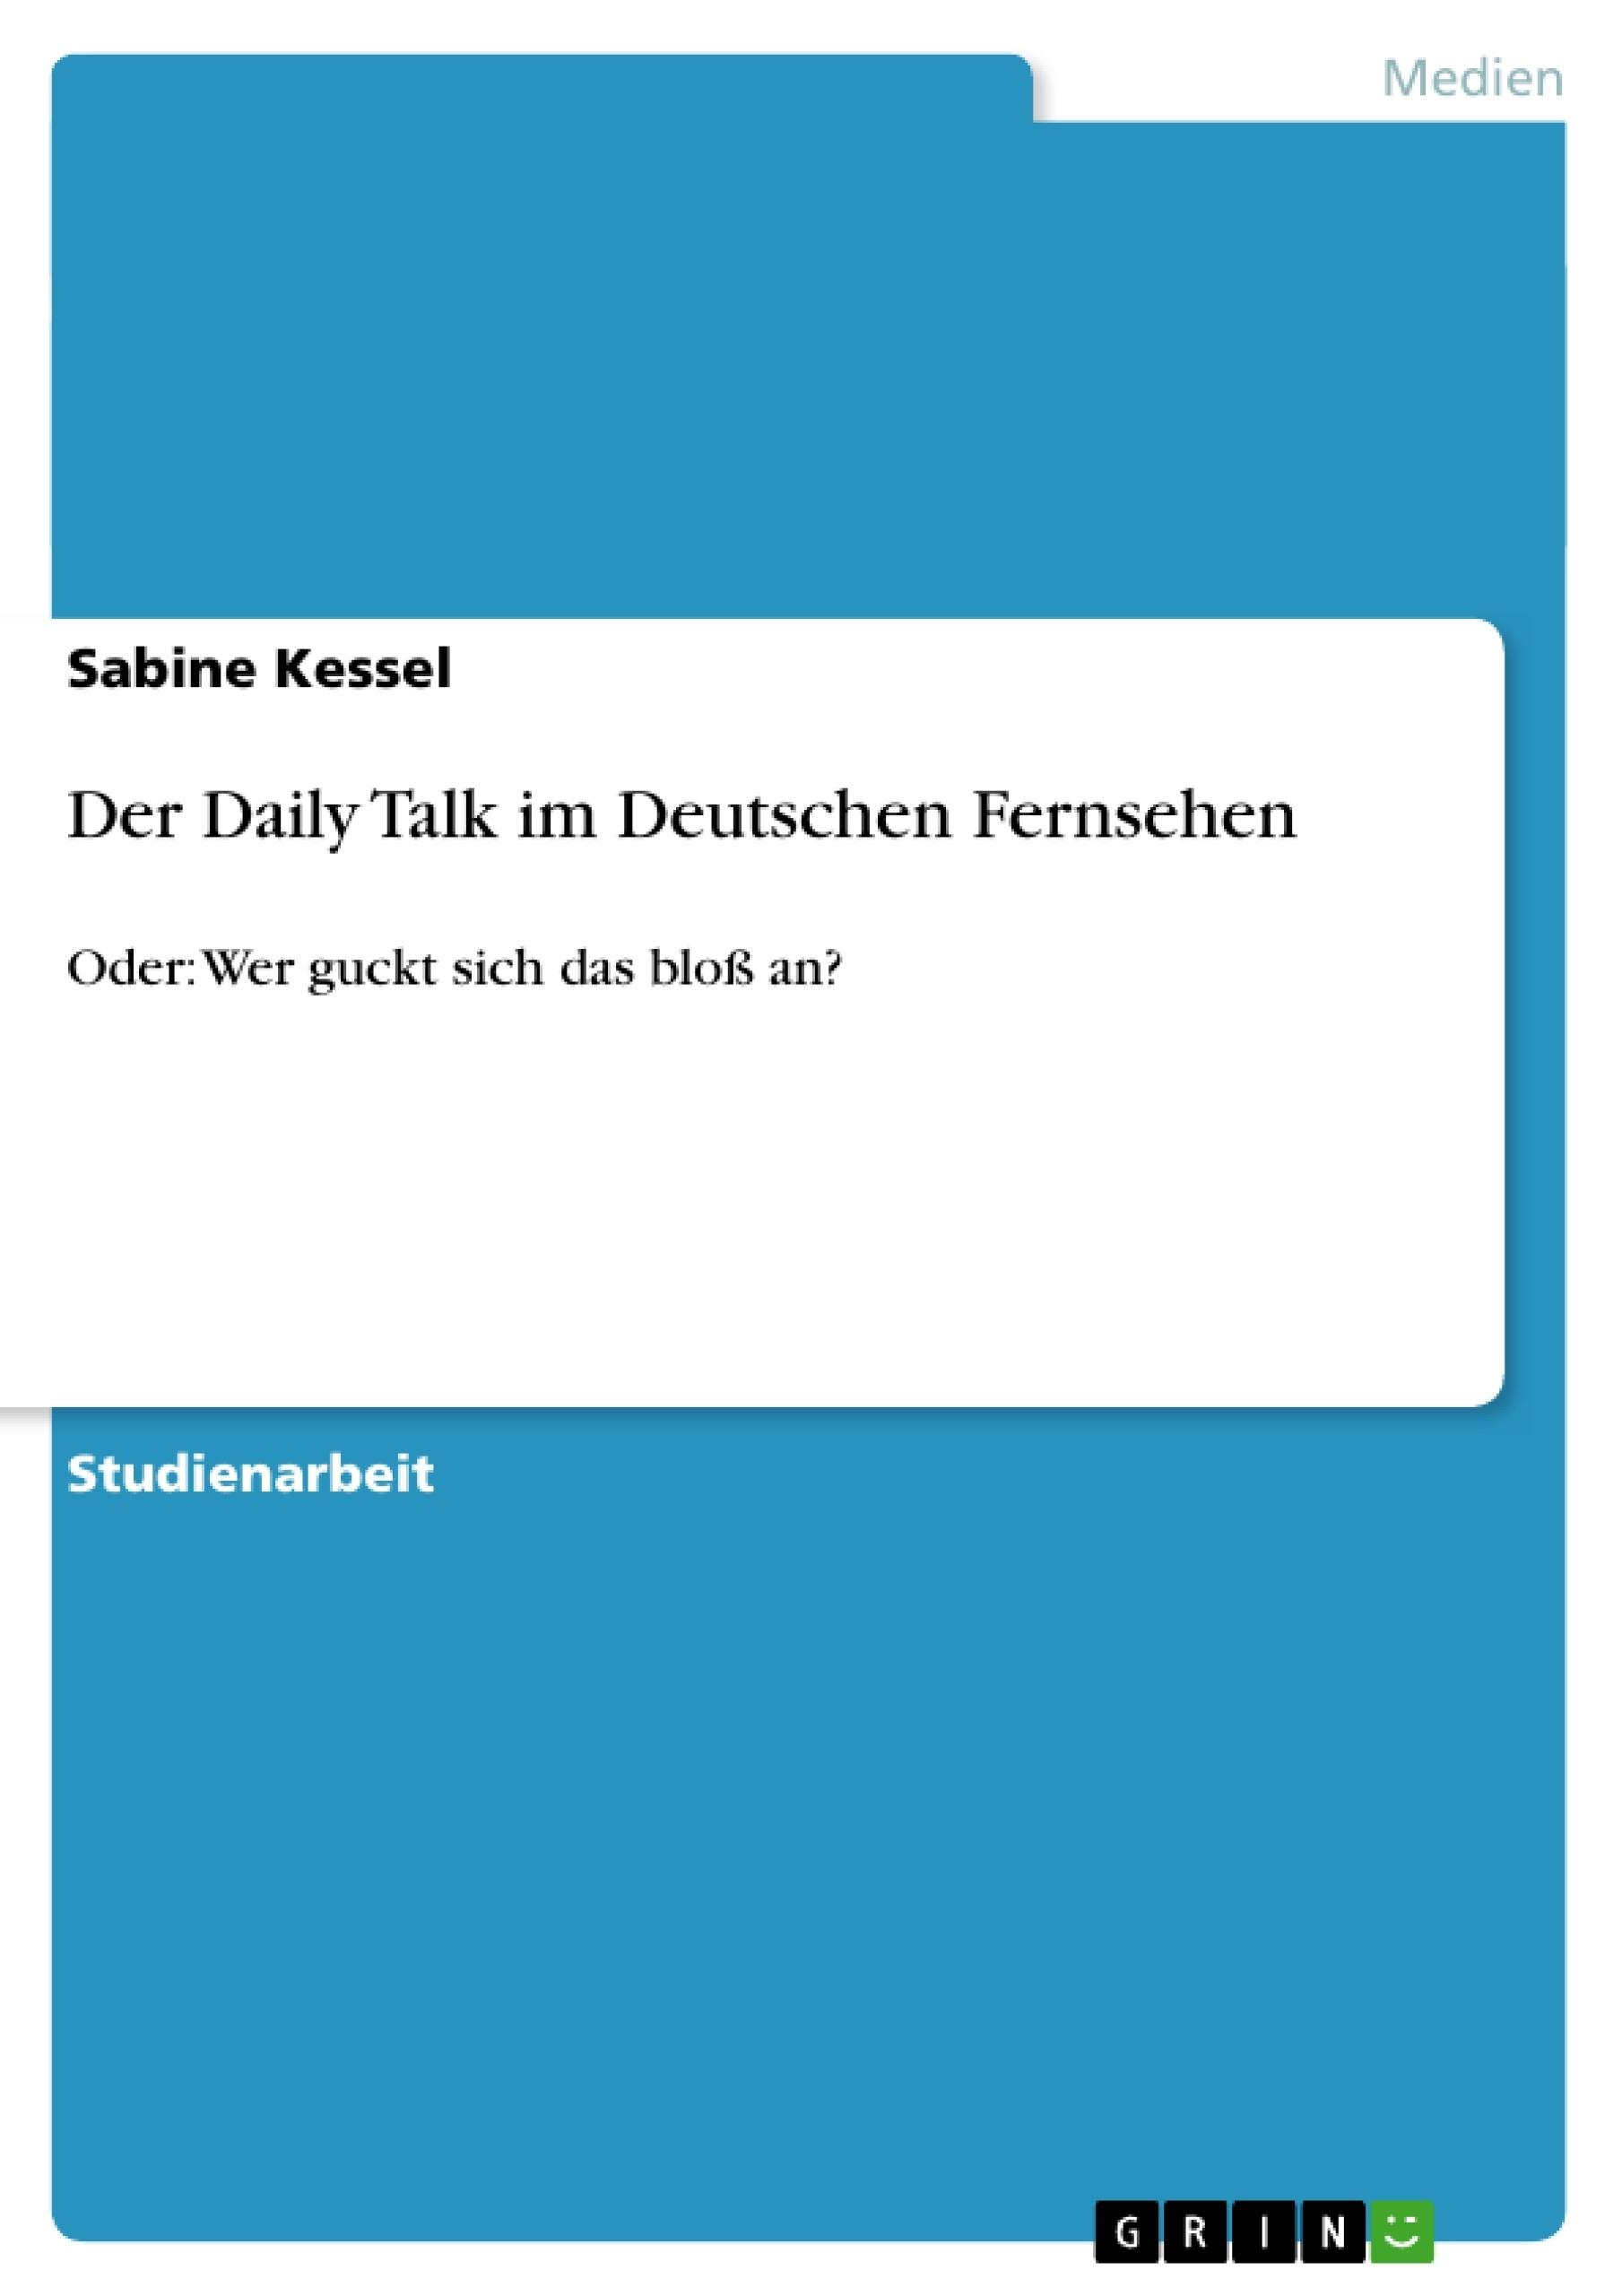 Titel: Der Daily Talk im Deutschen Fernsehen